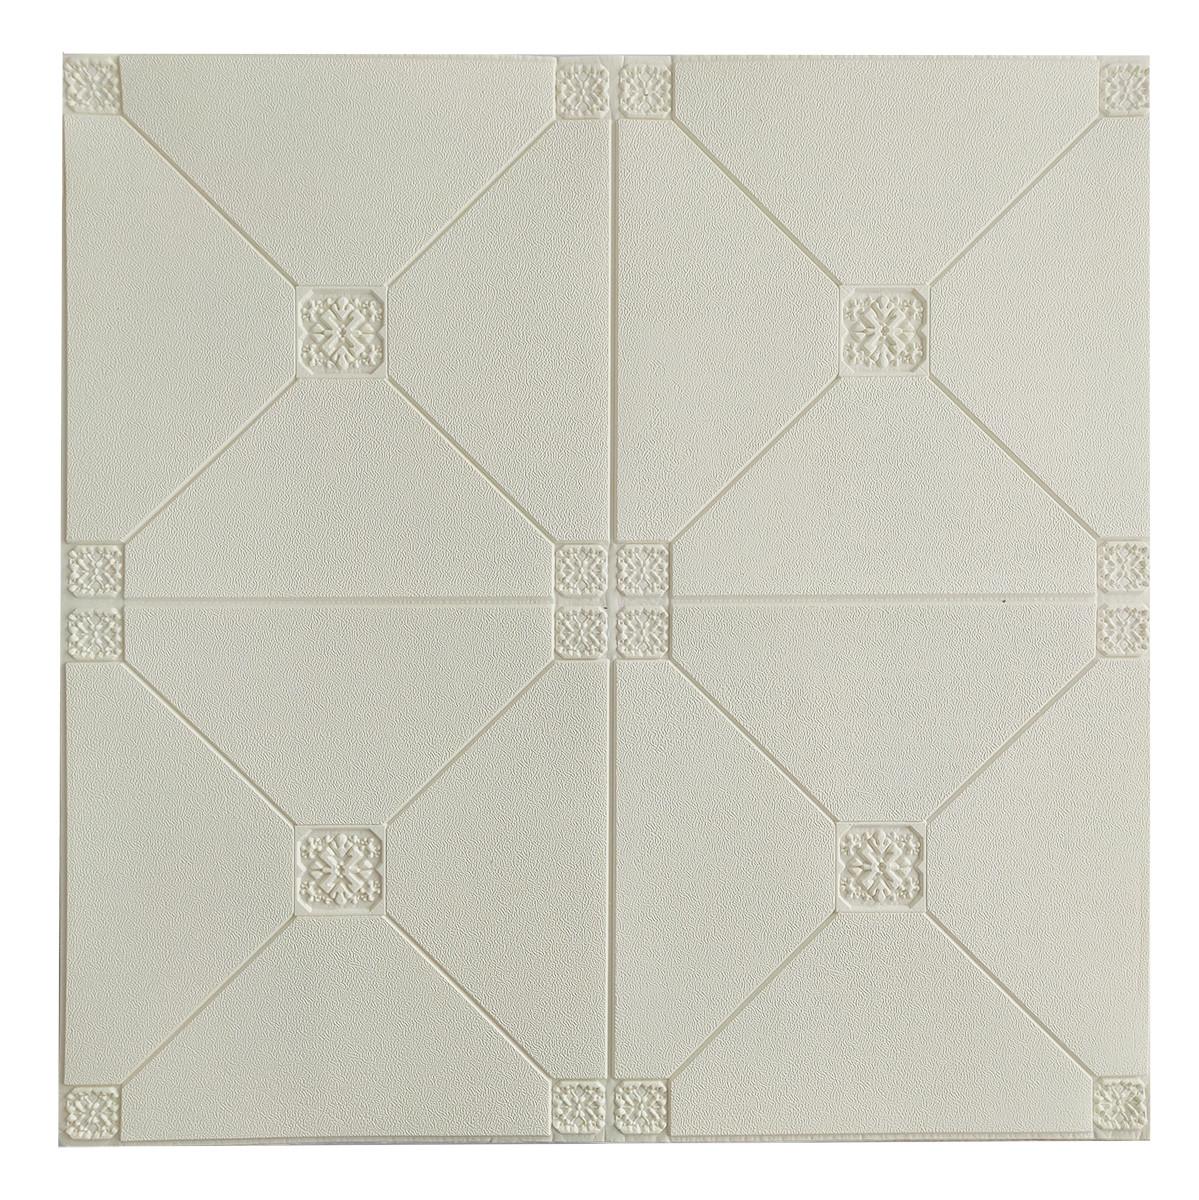 Панель потолочная самоклеющаяся 3D 4.5мм Белая с узором №164